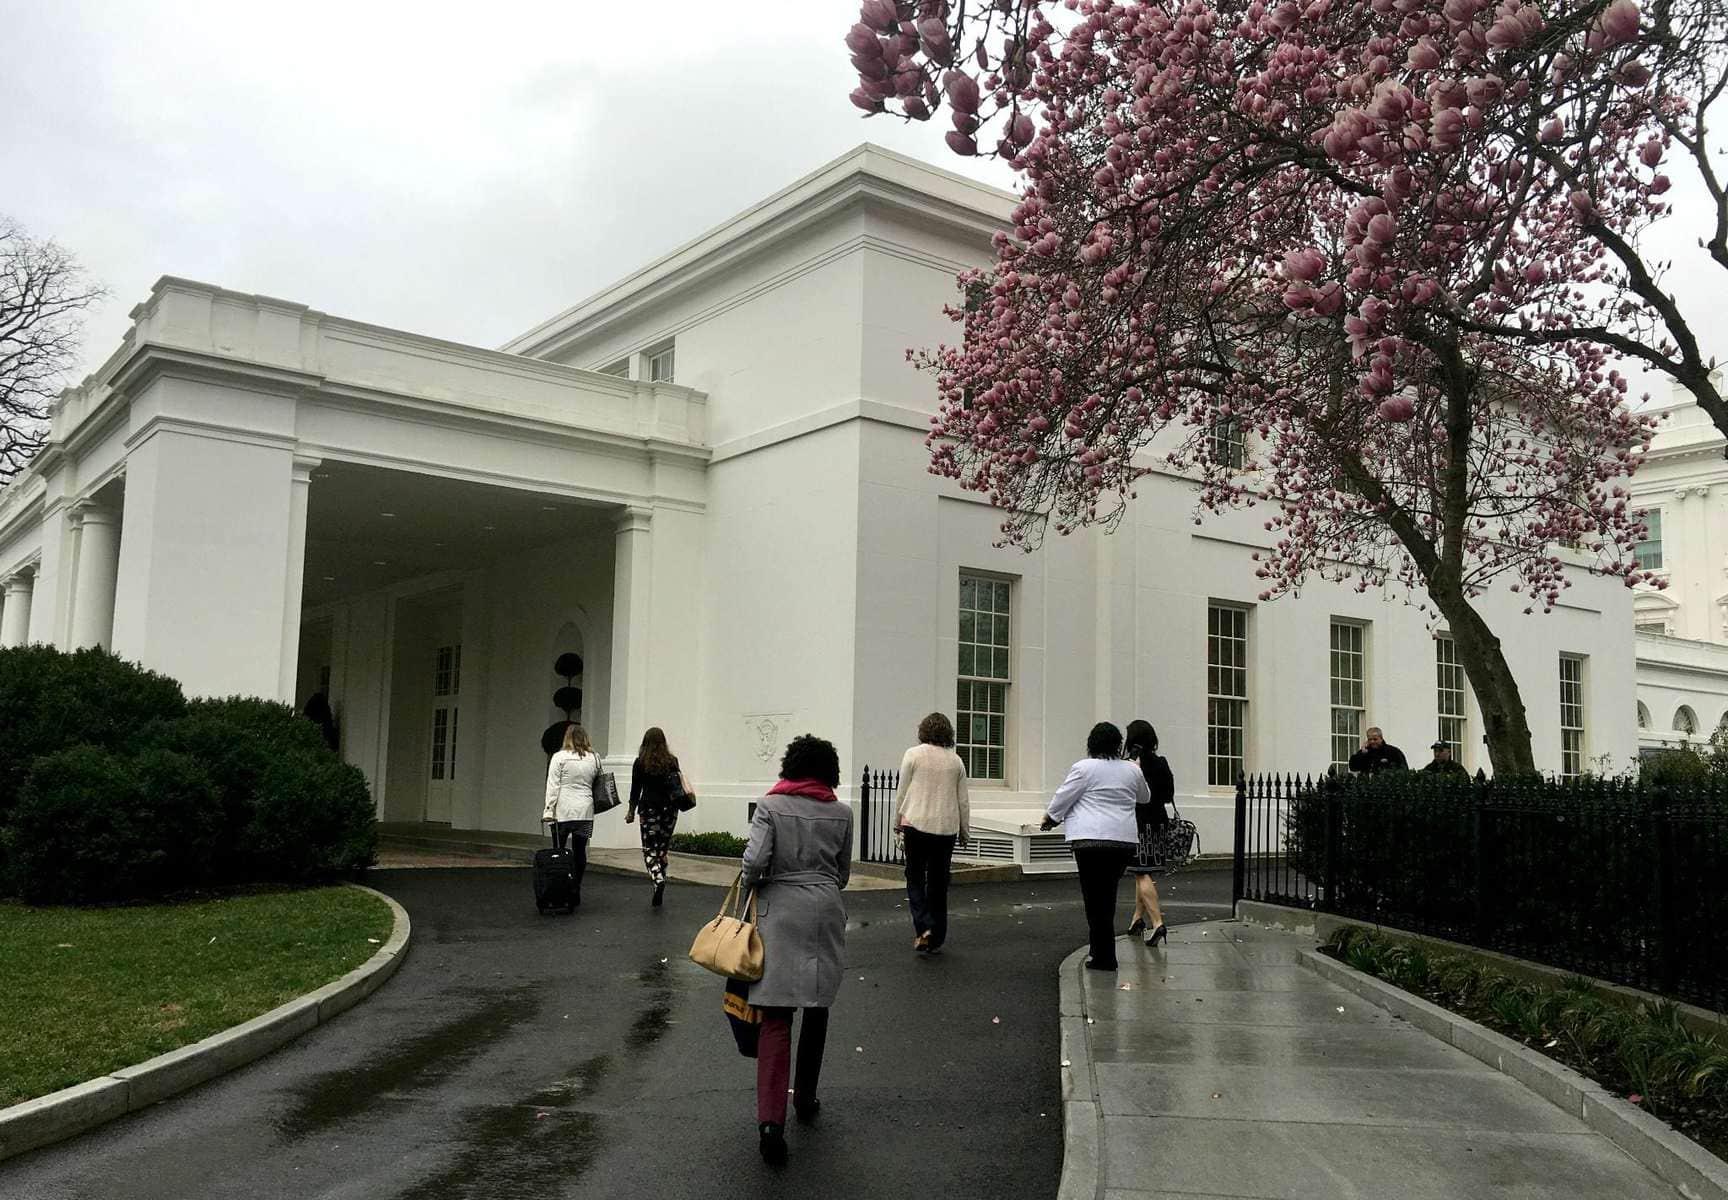 OMG OMG OMG I'm walking into the White House!!